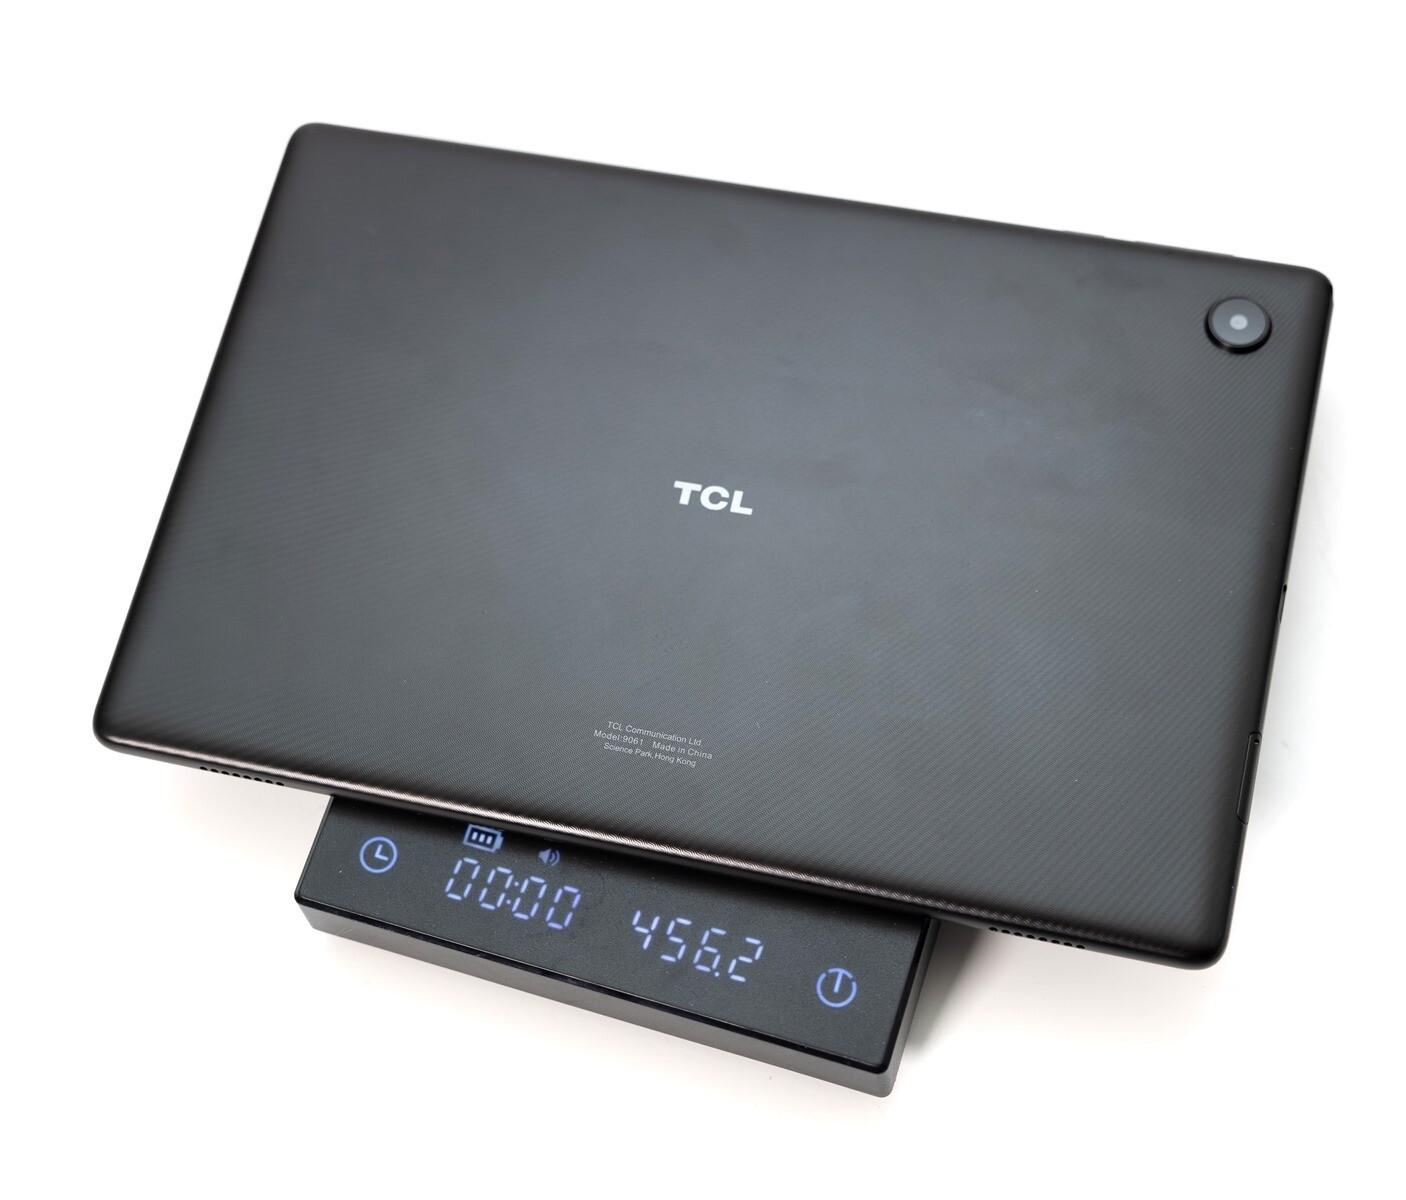 平價自用送人兩相宜平板 TCL TAB 10!六千元平板以下強力競爭對手 @3C 達人廖阿輝